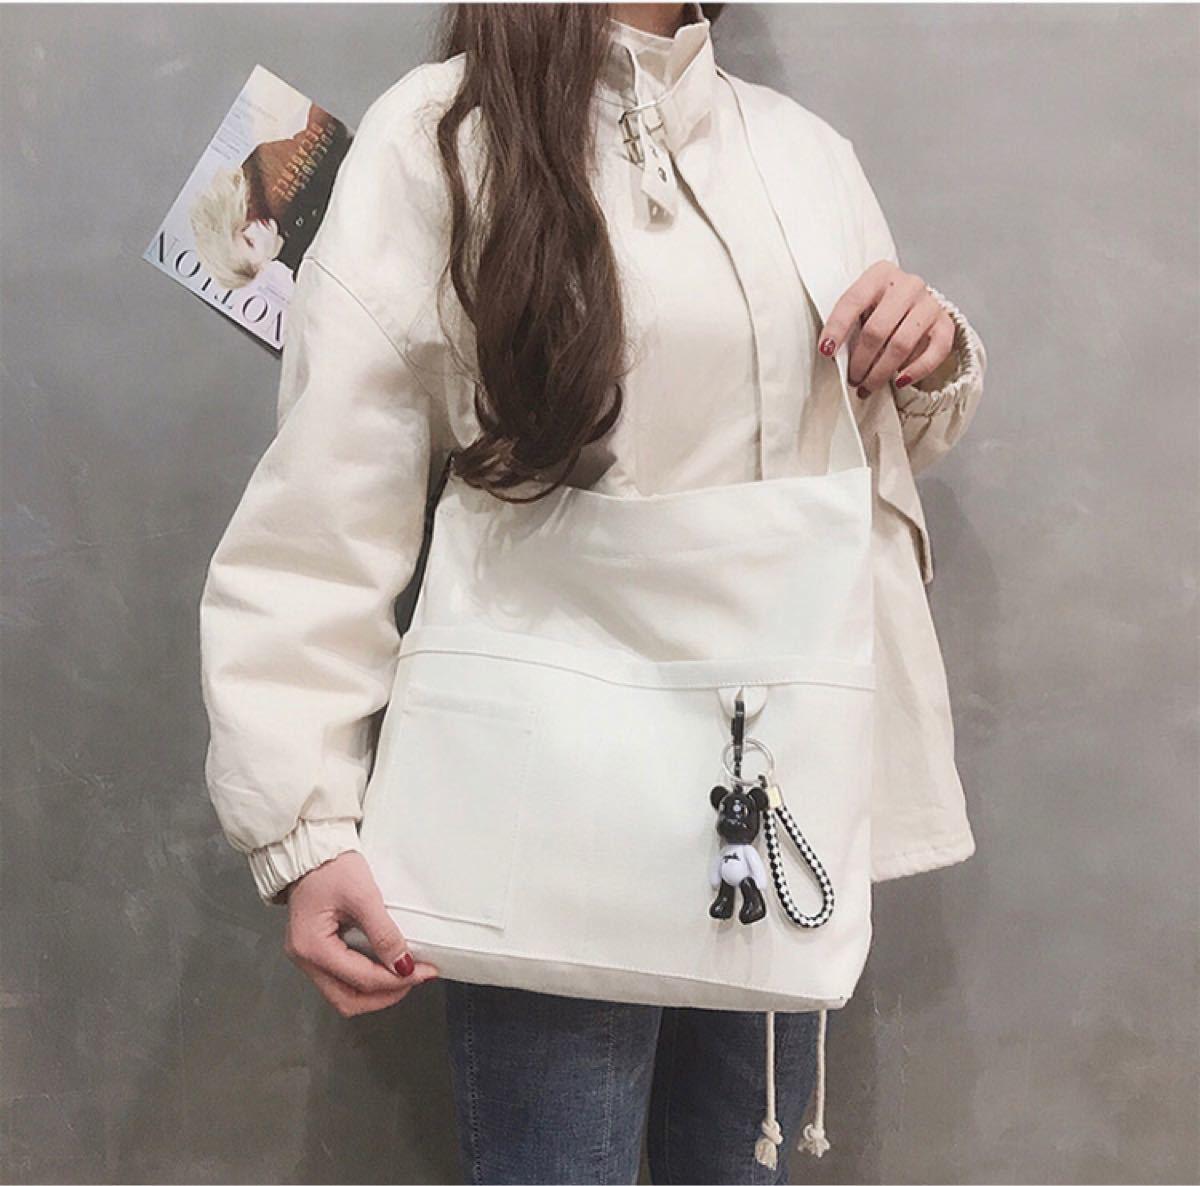 ショルダーバッグ トートバッグ 白  ホワイト  レディースバッグ 韓国 斜めがけバッグ ボディーバッグ キャンバス